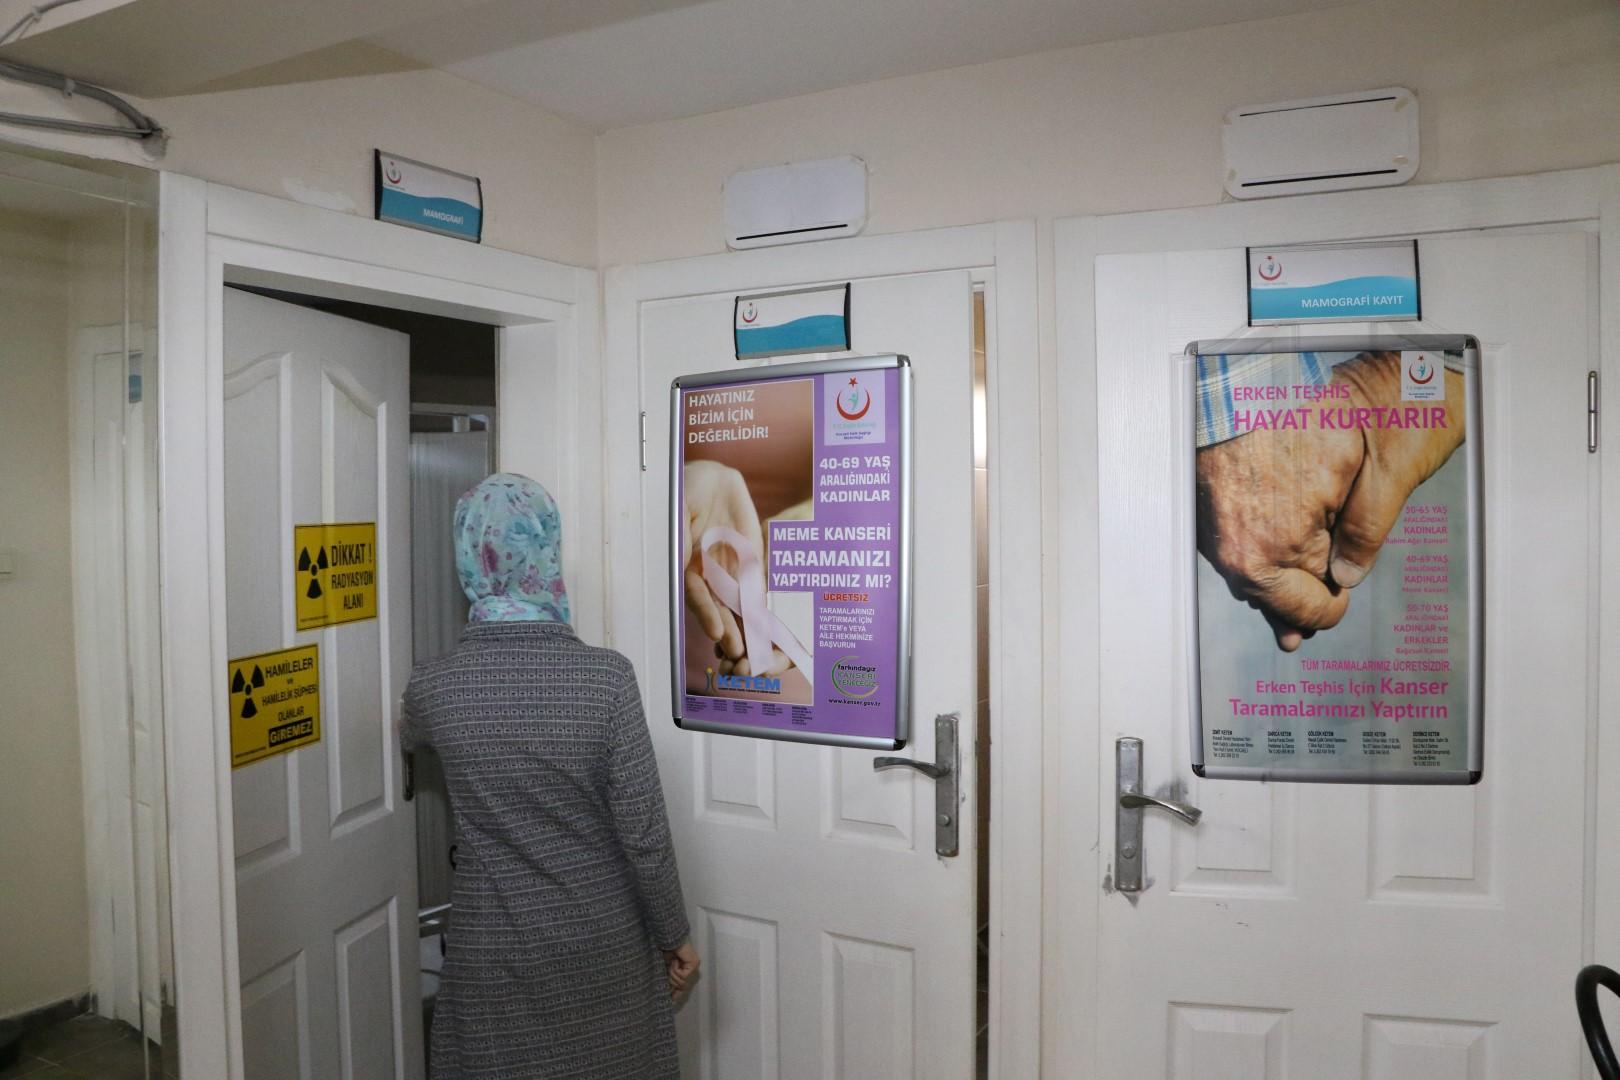 Kocaeli'de kadınlara ücretsiz kanser taraması